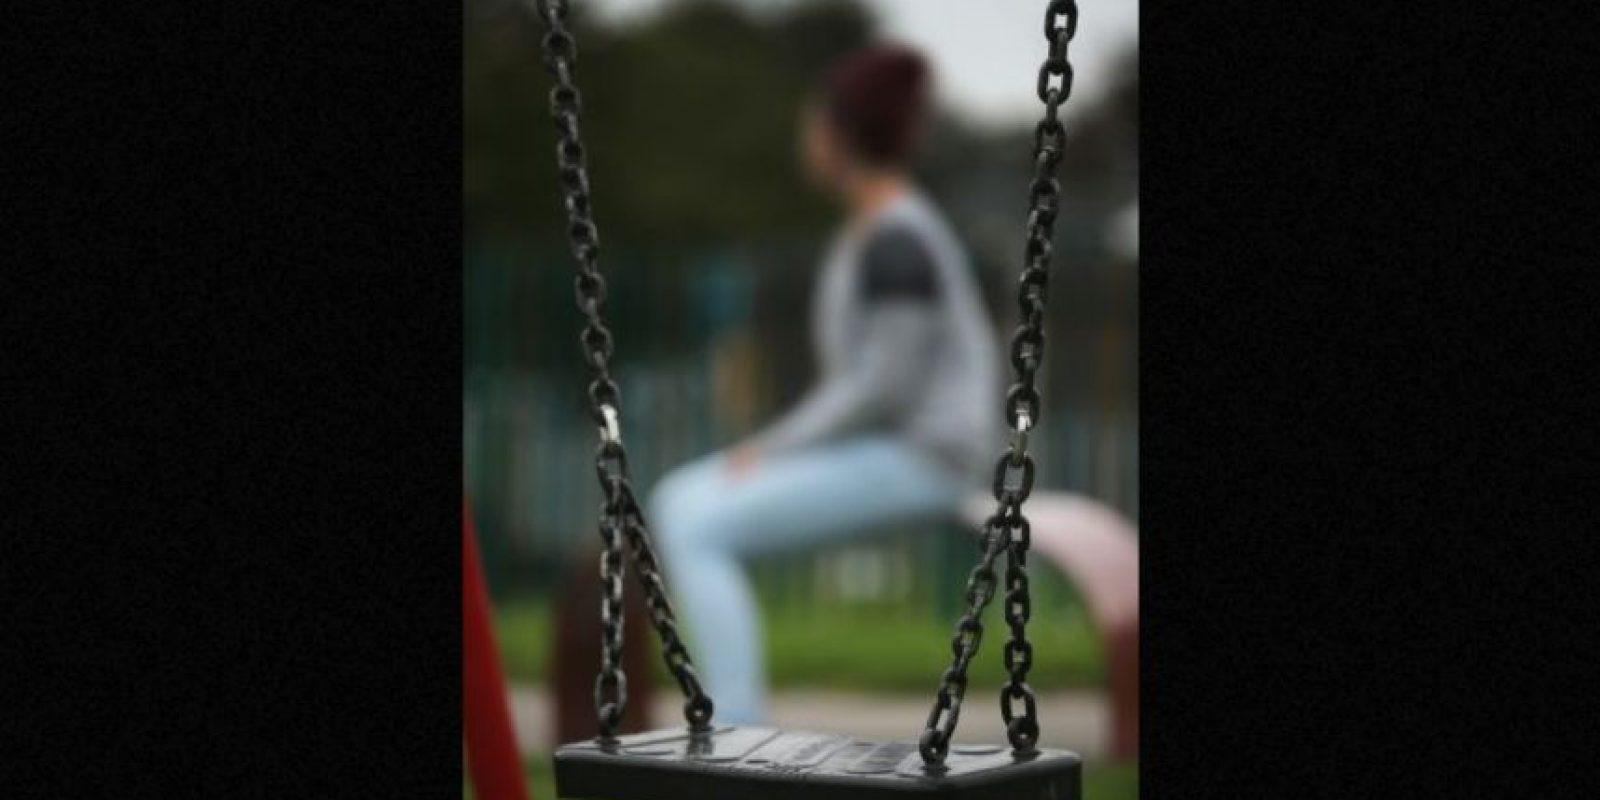 Esto a causa del estigma, el miedo y la falta de confianza en las autoridades. Foto:Getty Images. Imagen Por: